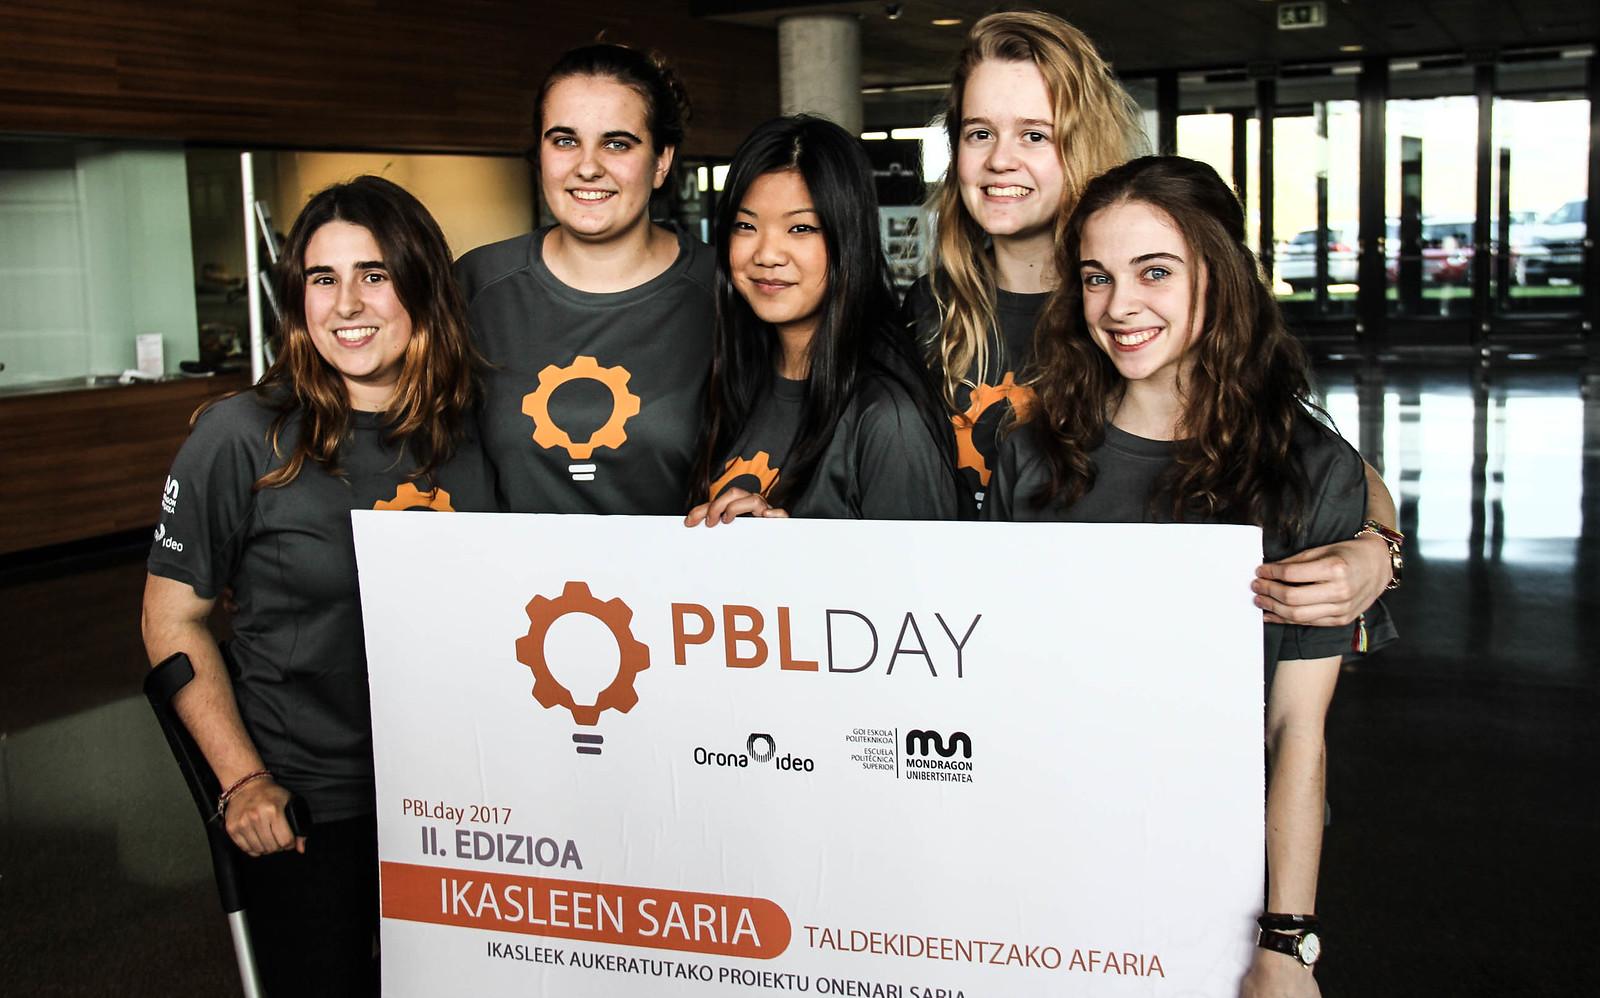 PBL Day